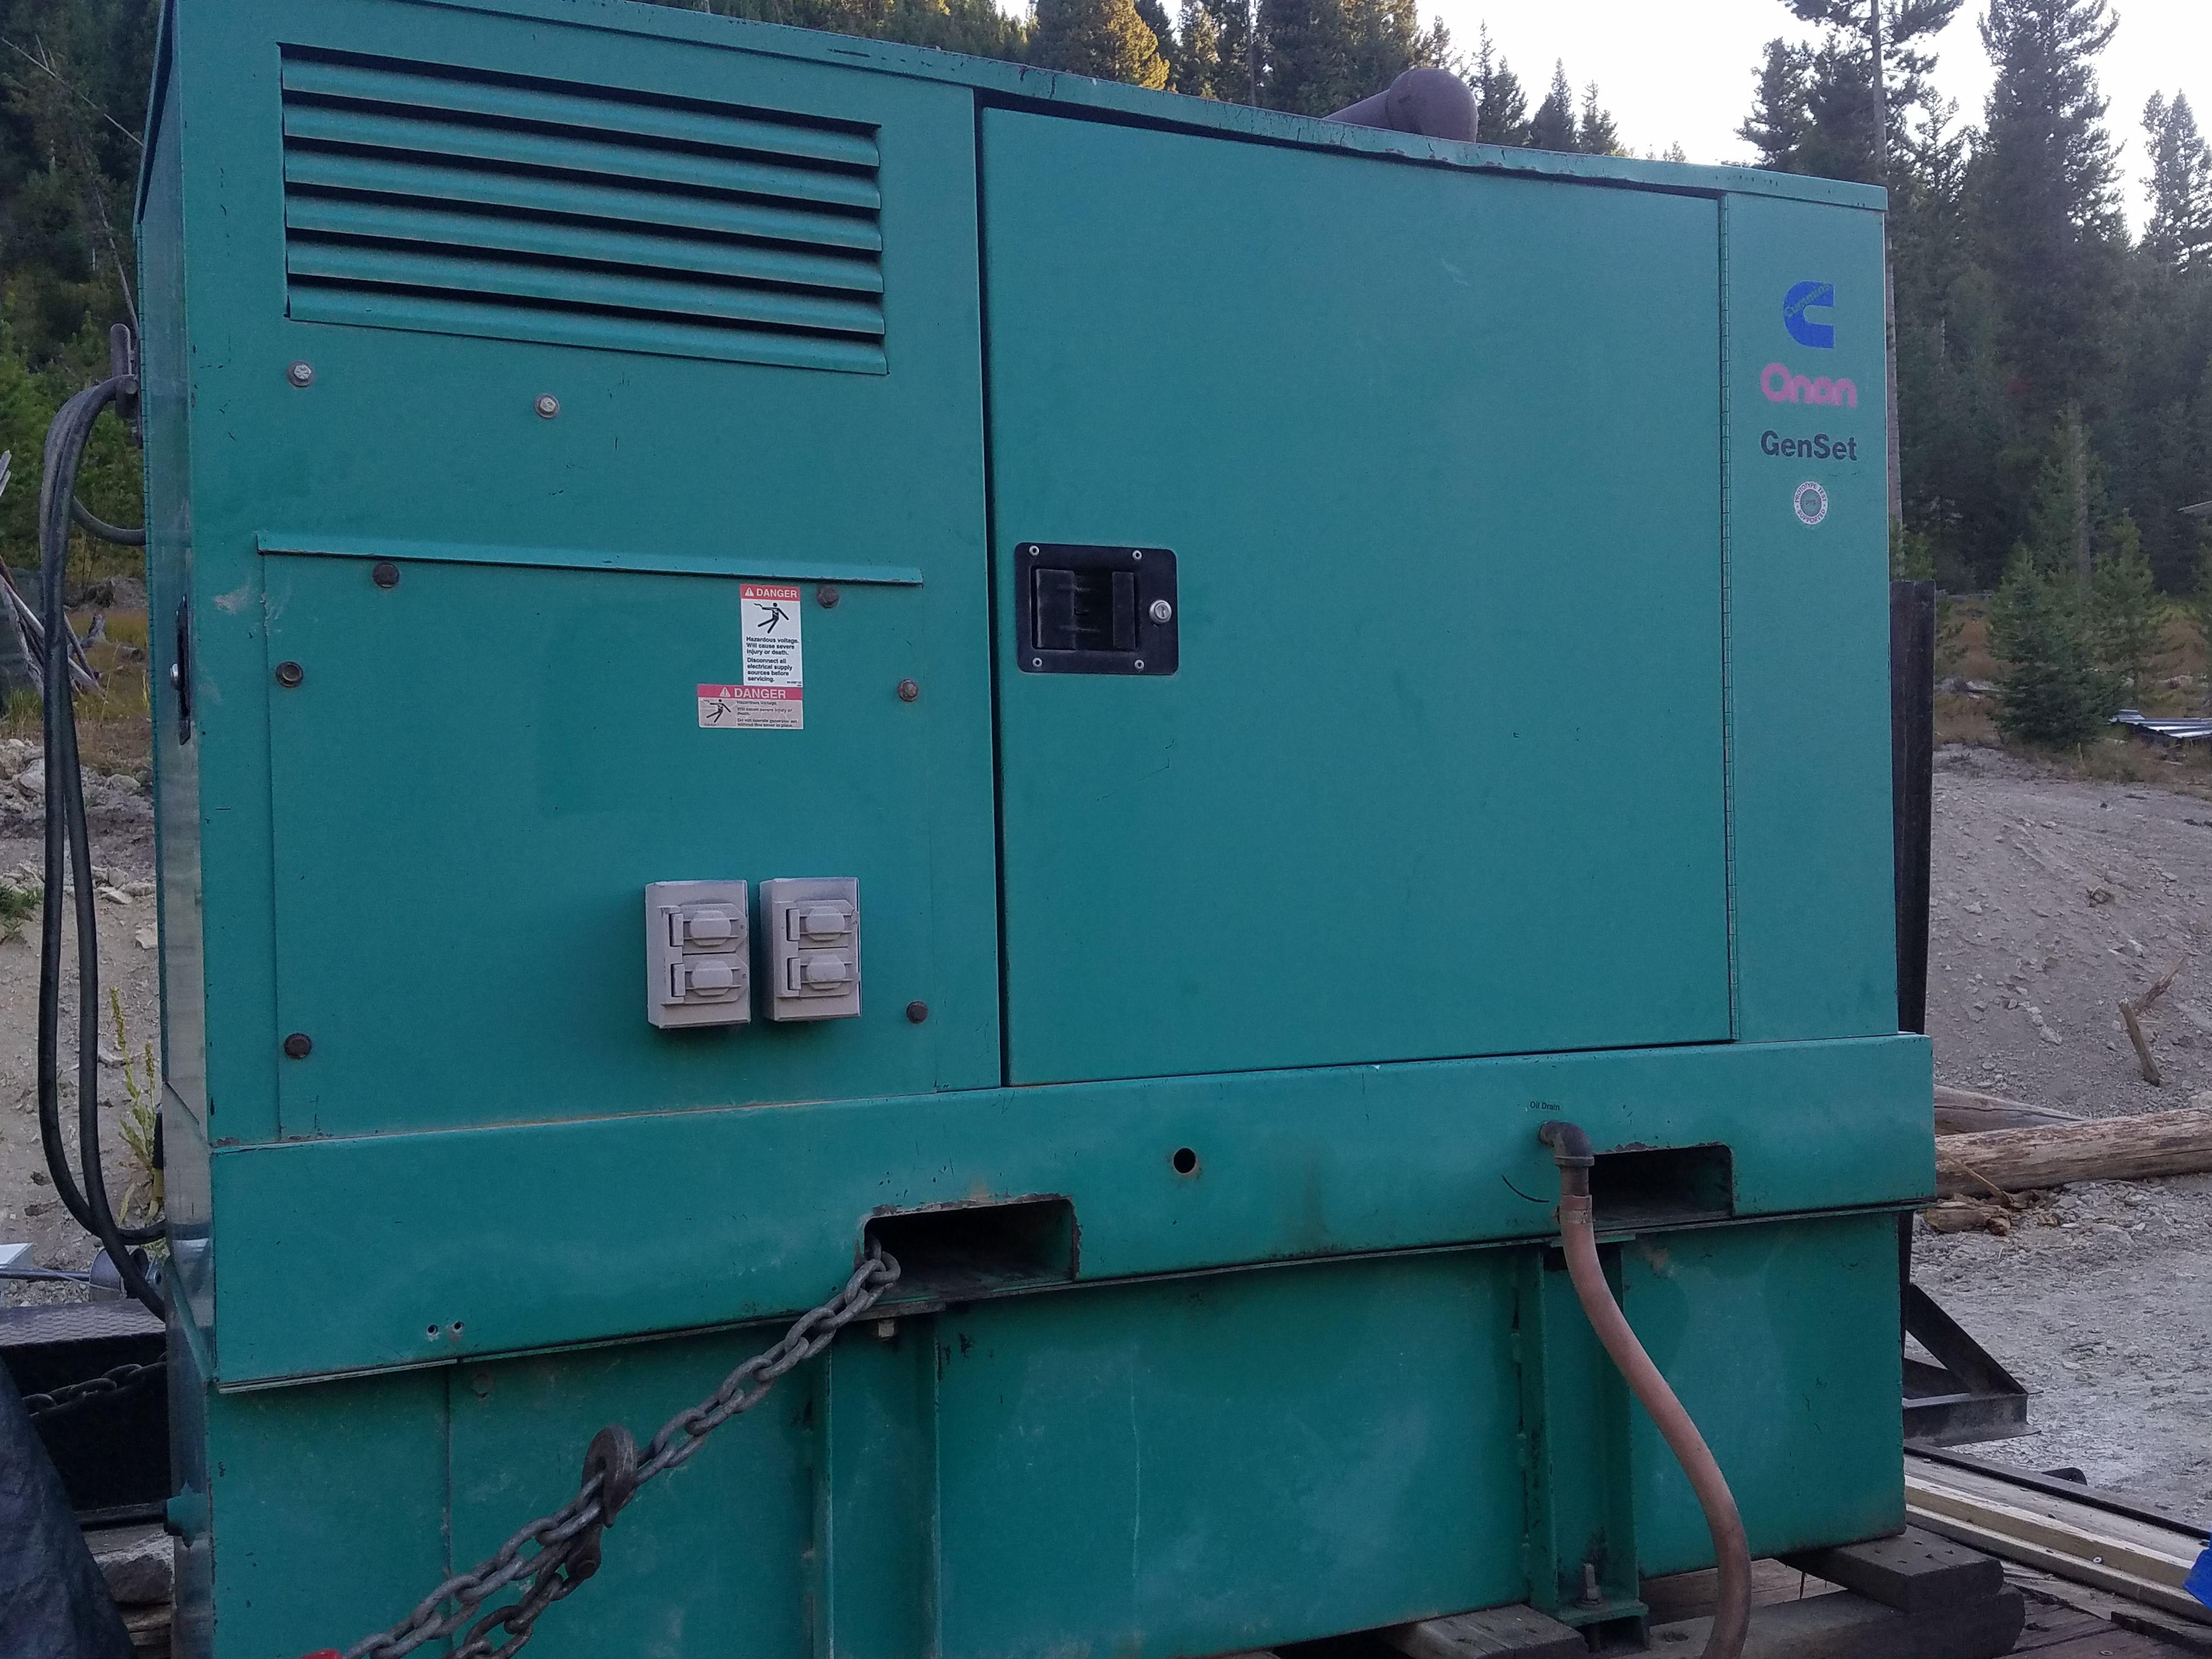 Onan 25KW Diesel Generator image 1